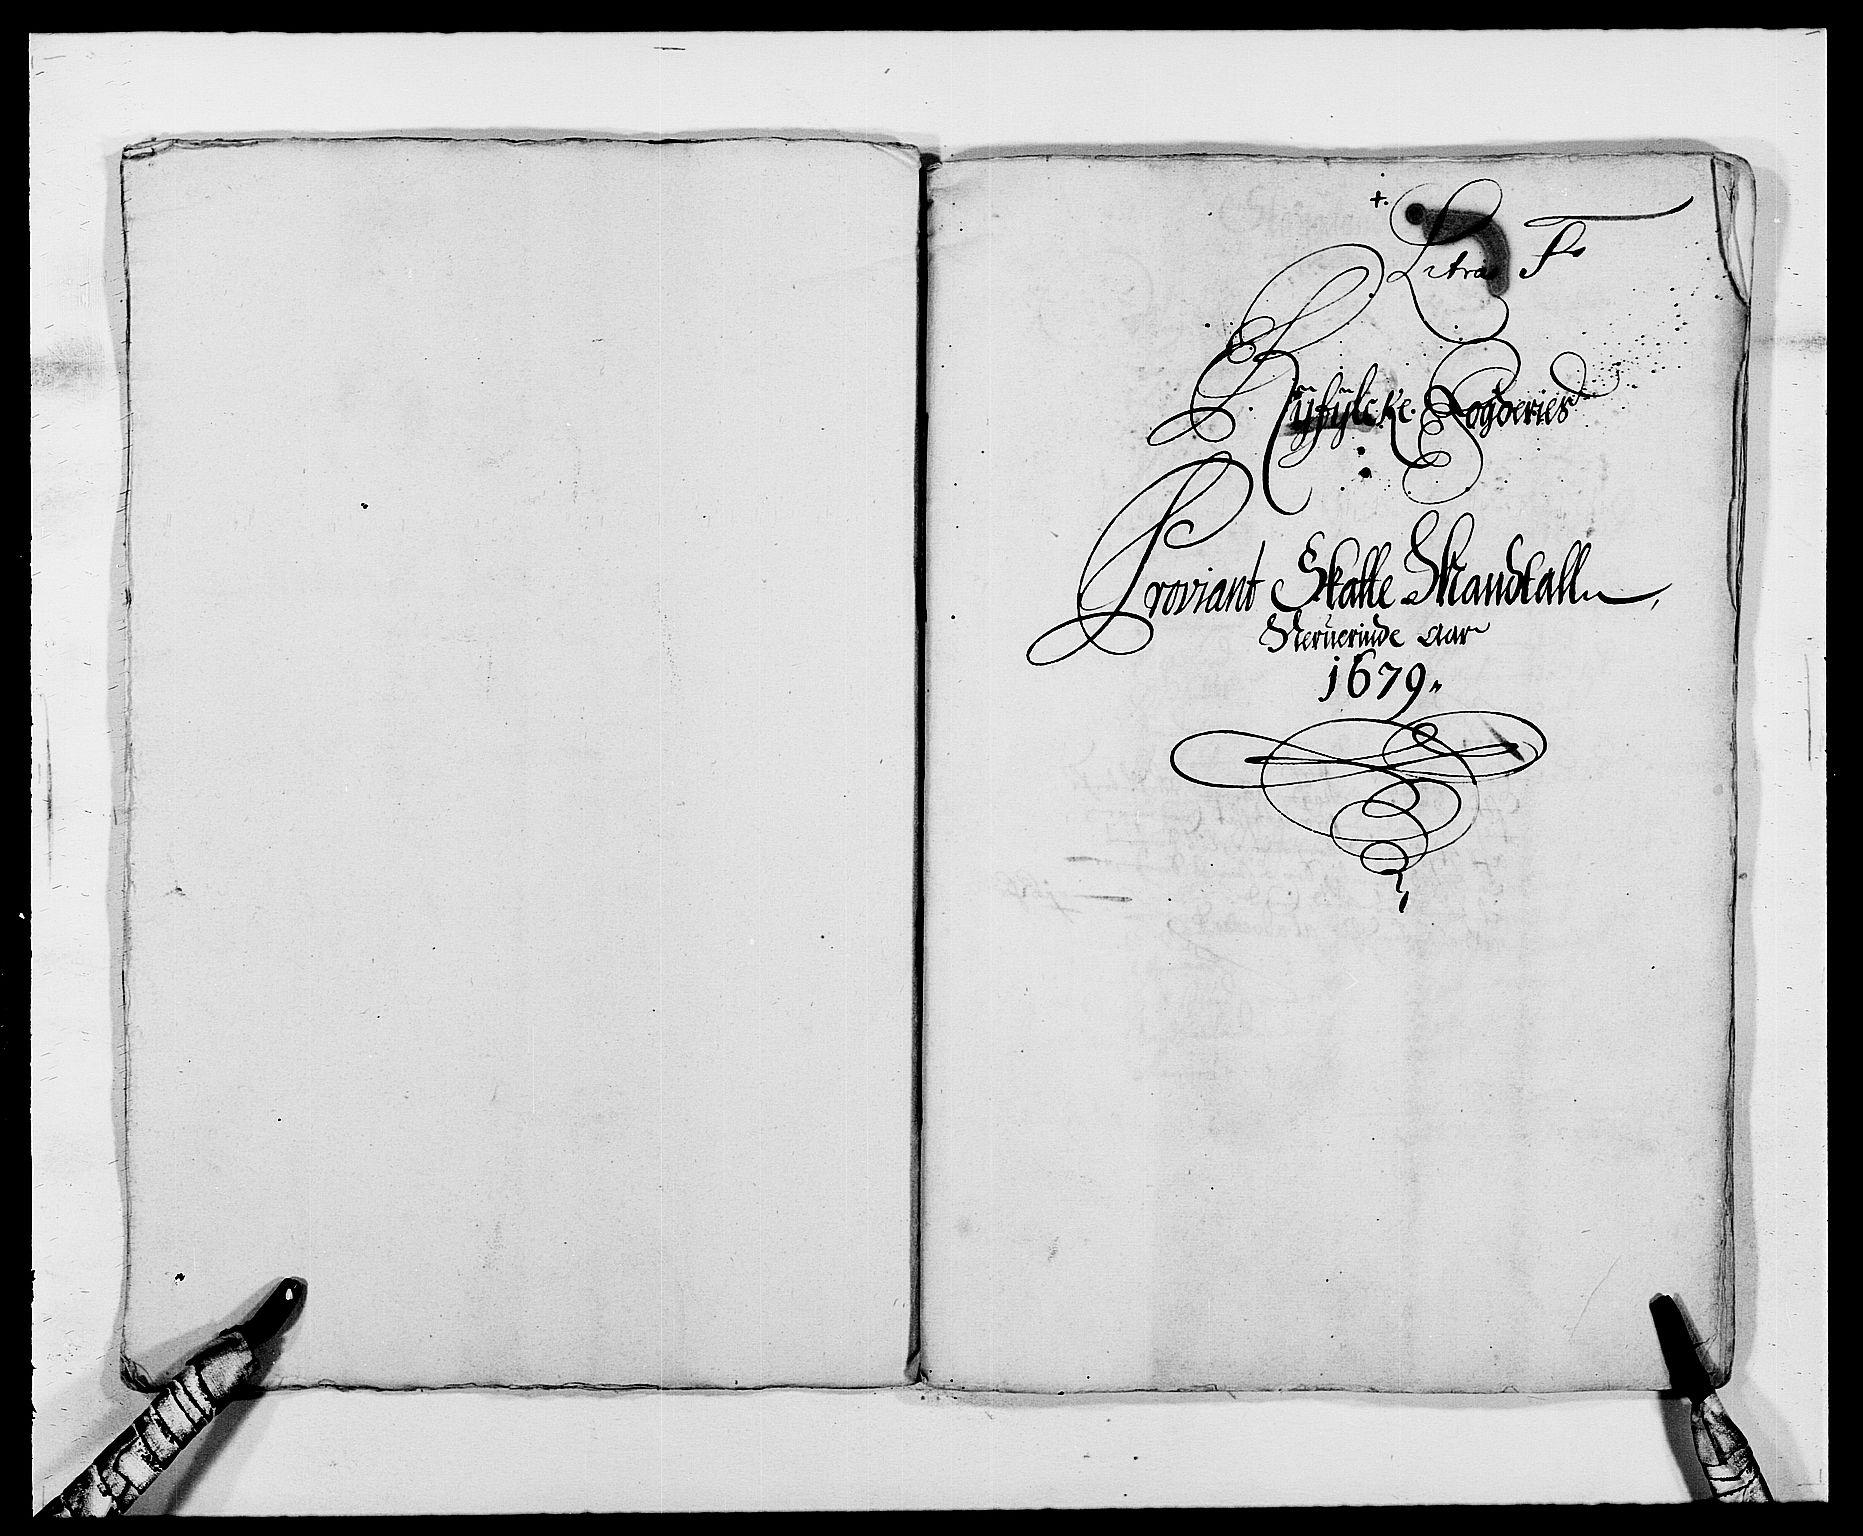 RA, Rentekammeret inntil 1814, Reviderte regnskaper, Fogderegnskap, R47/L2849: Fogderegnskap Ryfylke, 1679, s. 146